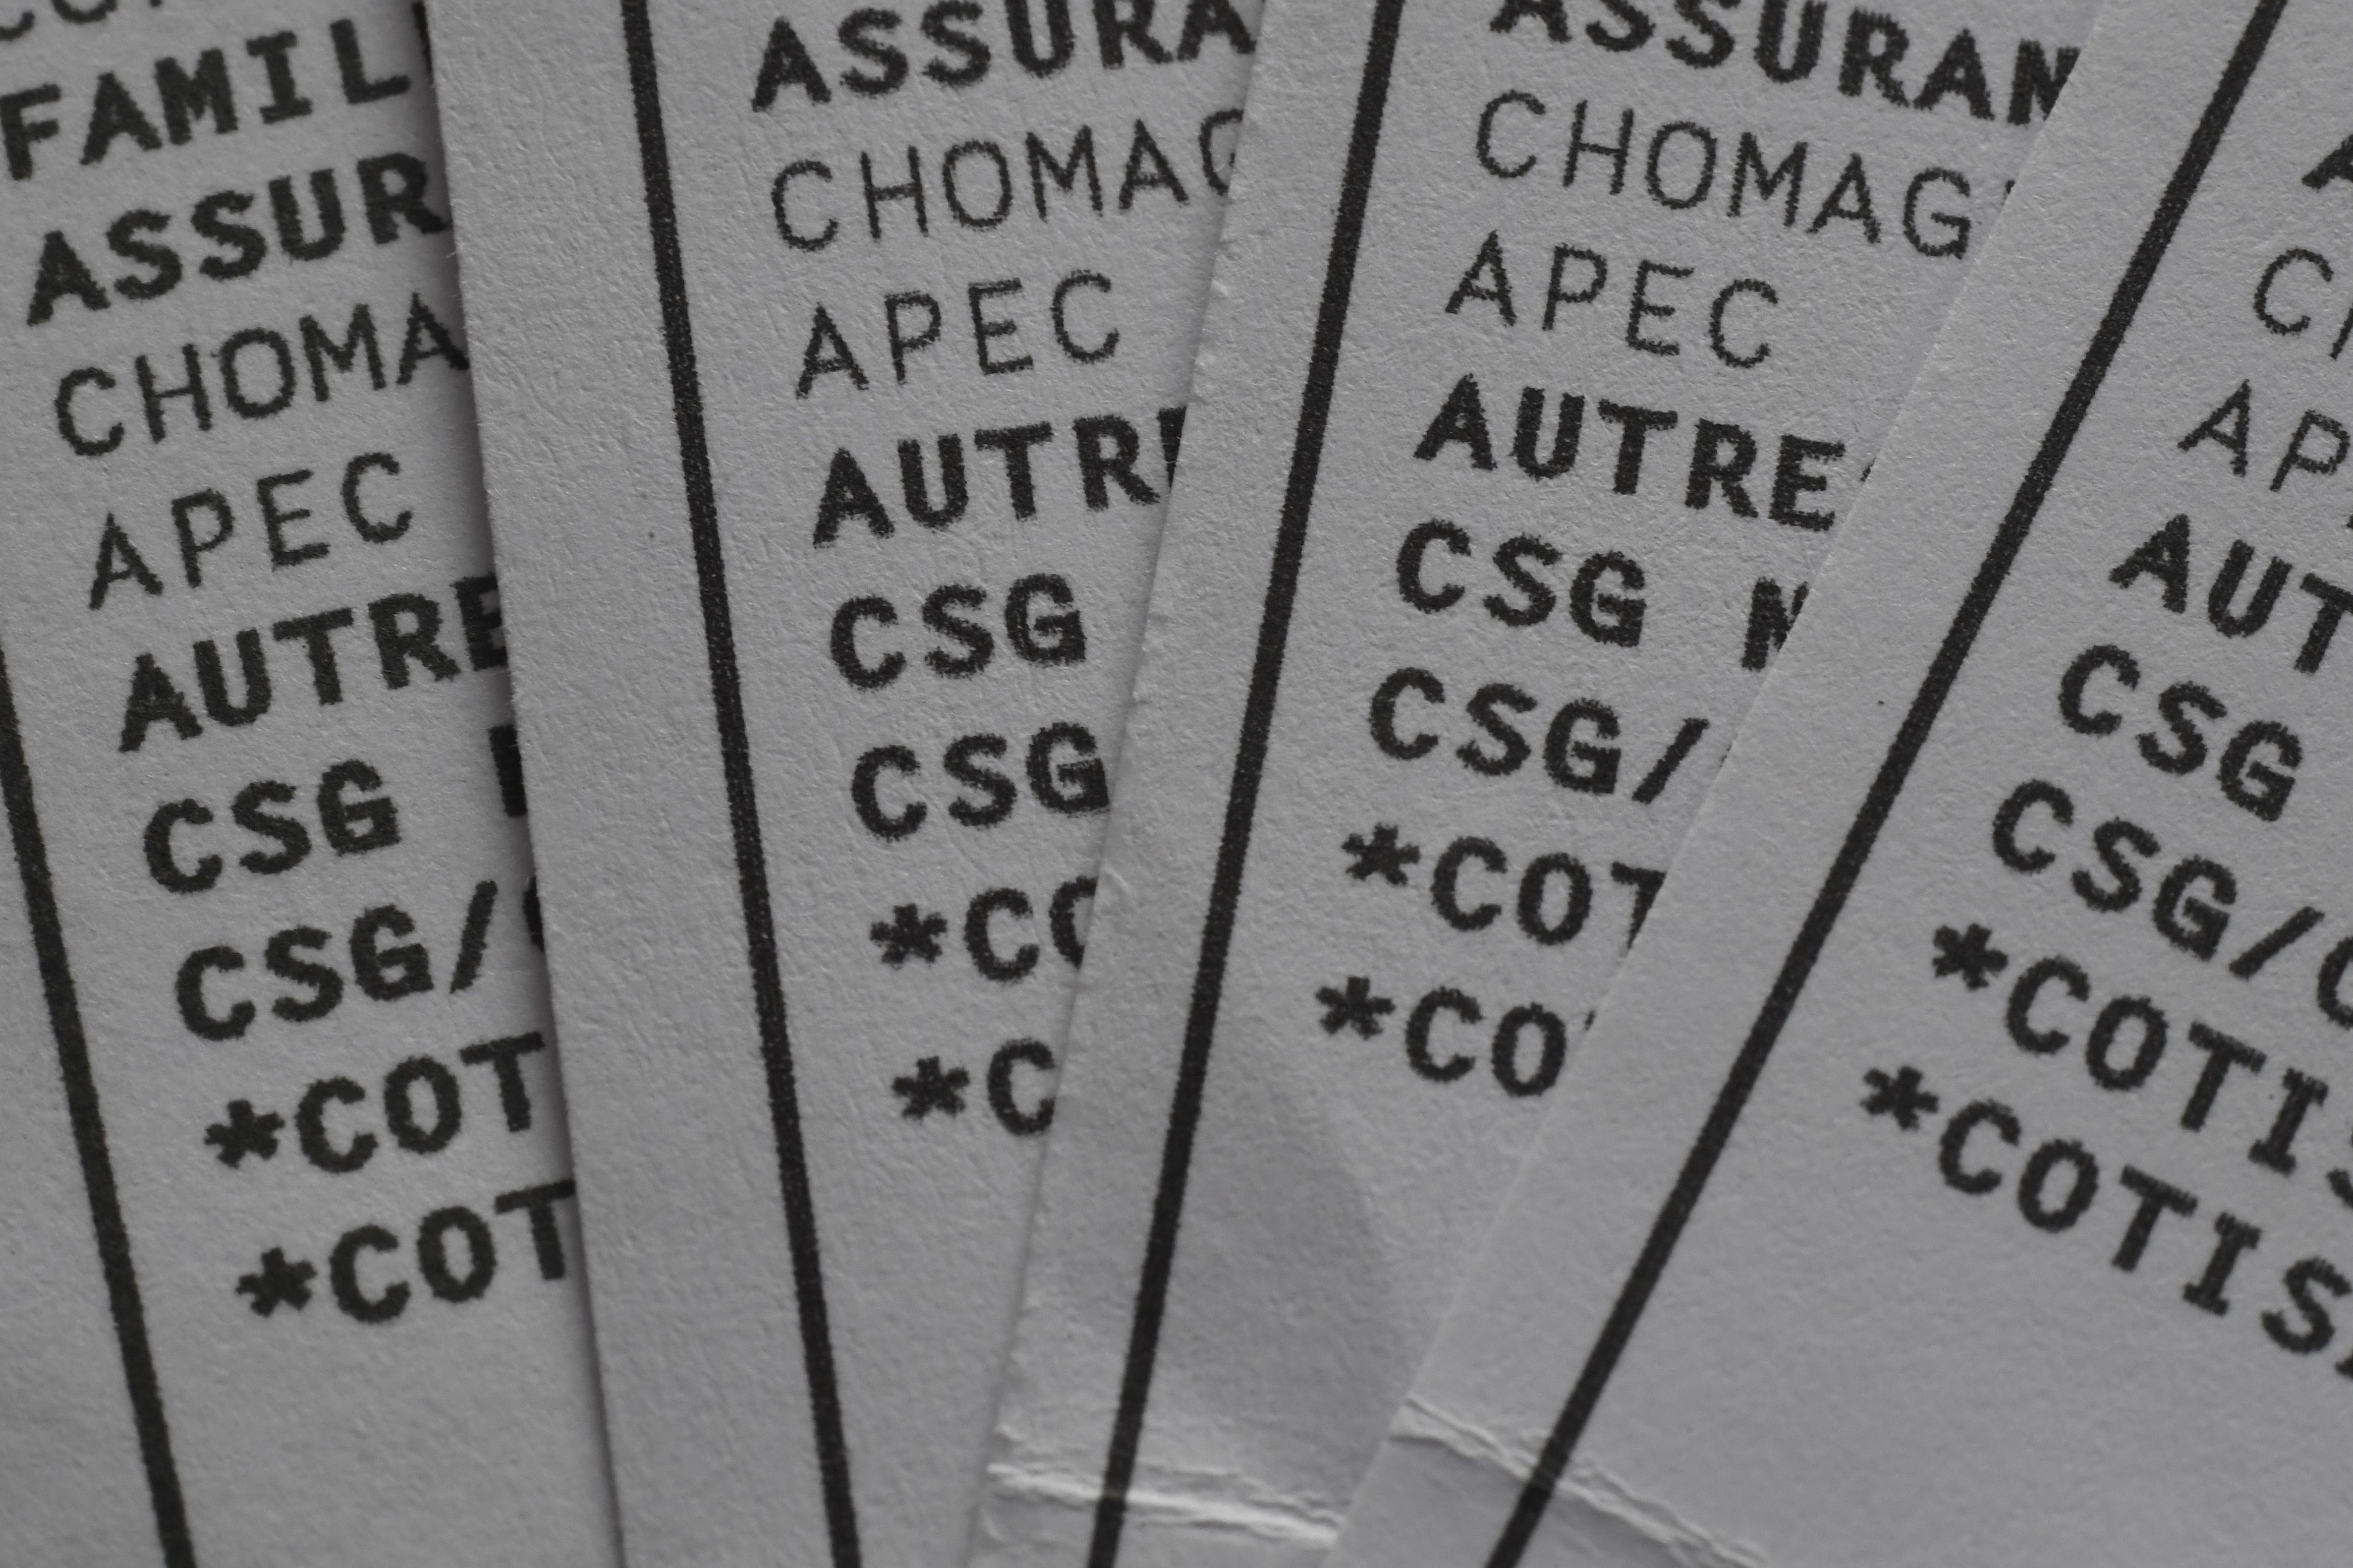 Calendrier Cnracl 2020.Csg 3 7 Millions De Retraites Seront Rembourses Par La